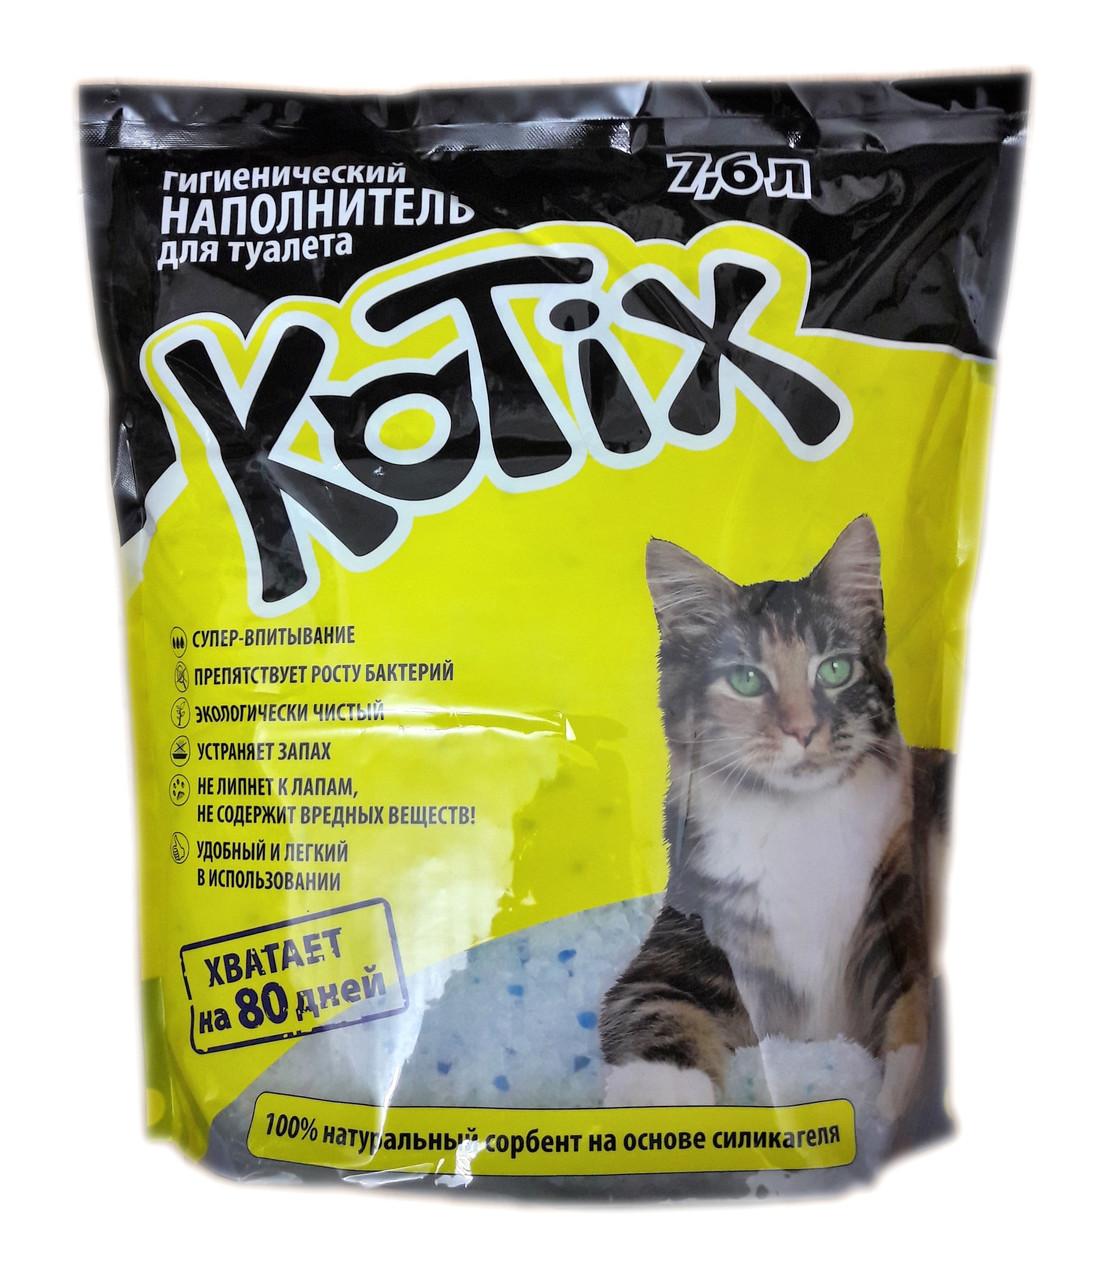 Силикагелевый наповнювач для котів Kotix Котикс 7,6 л